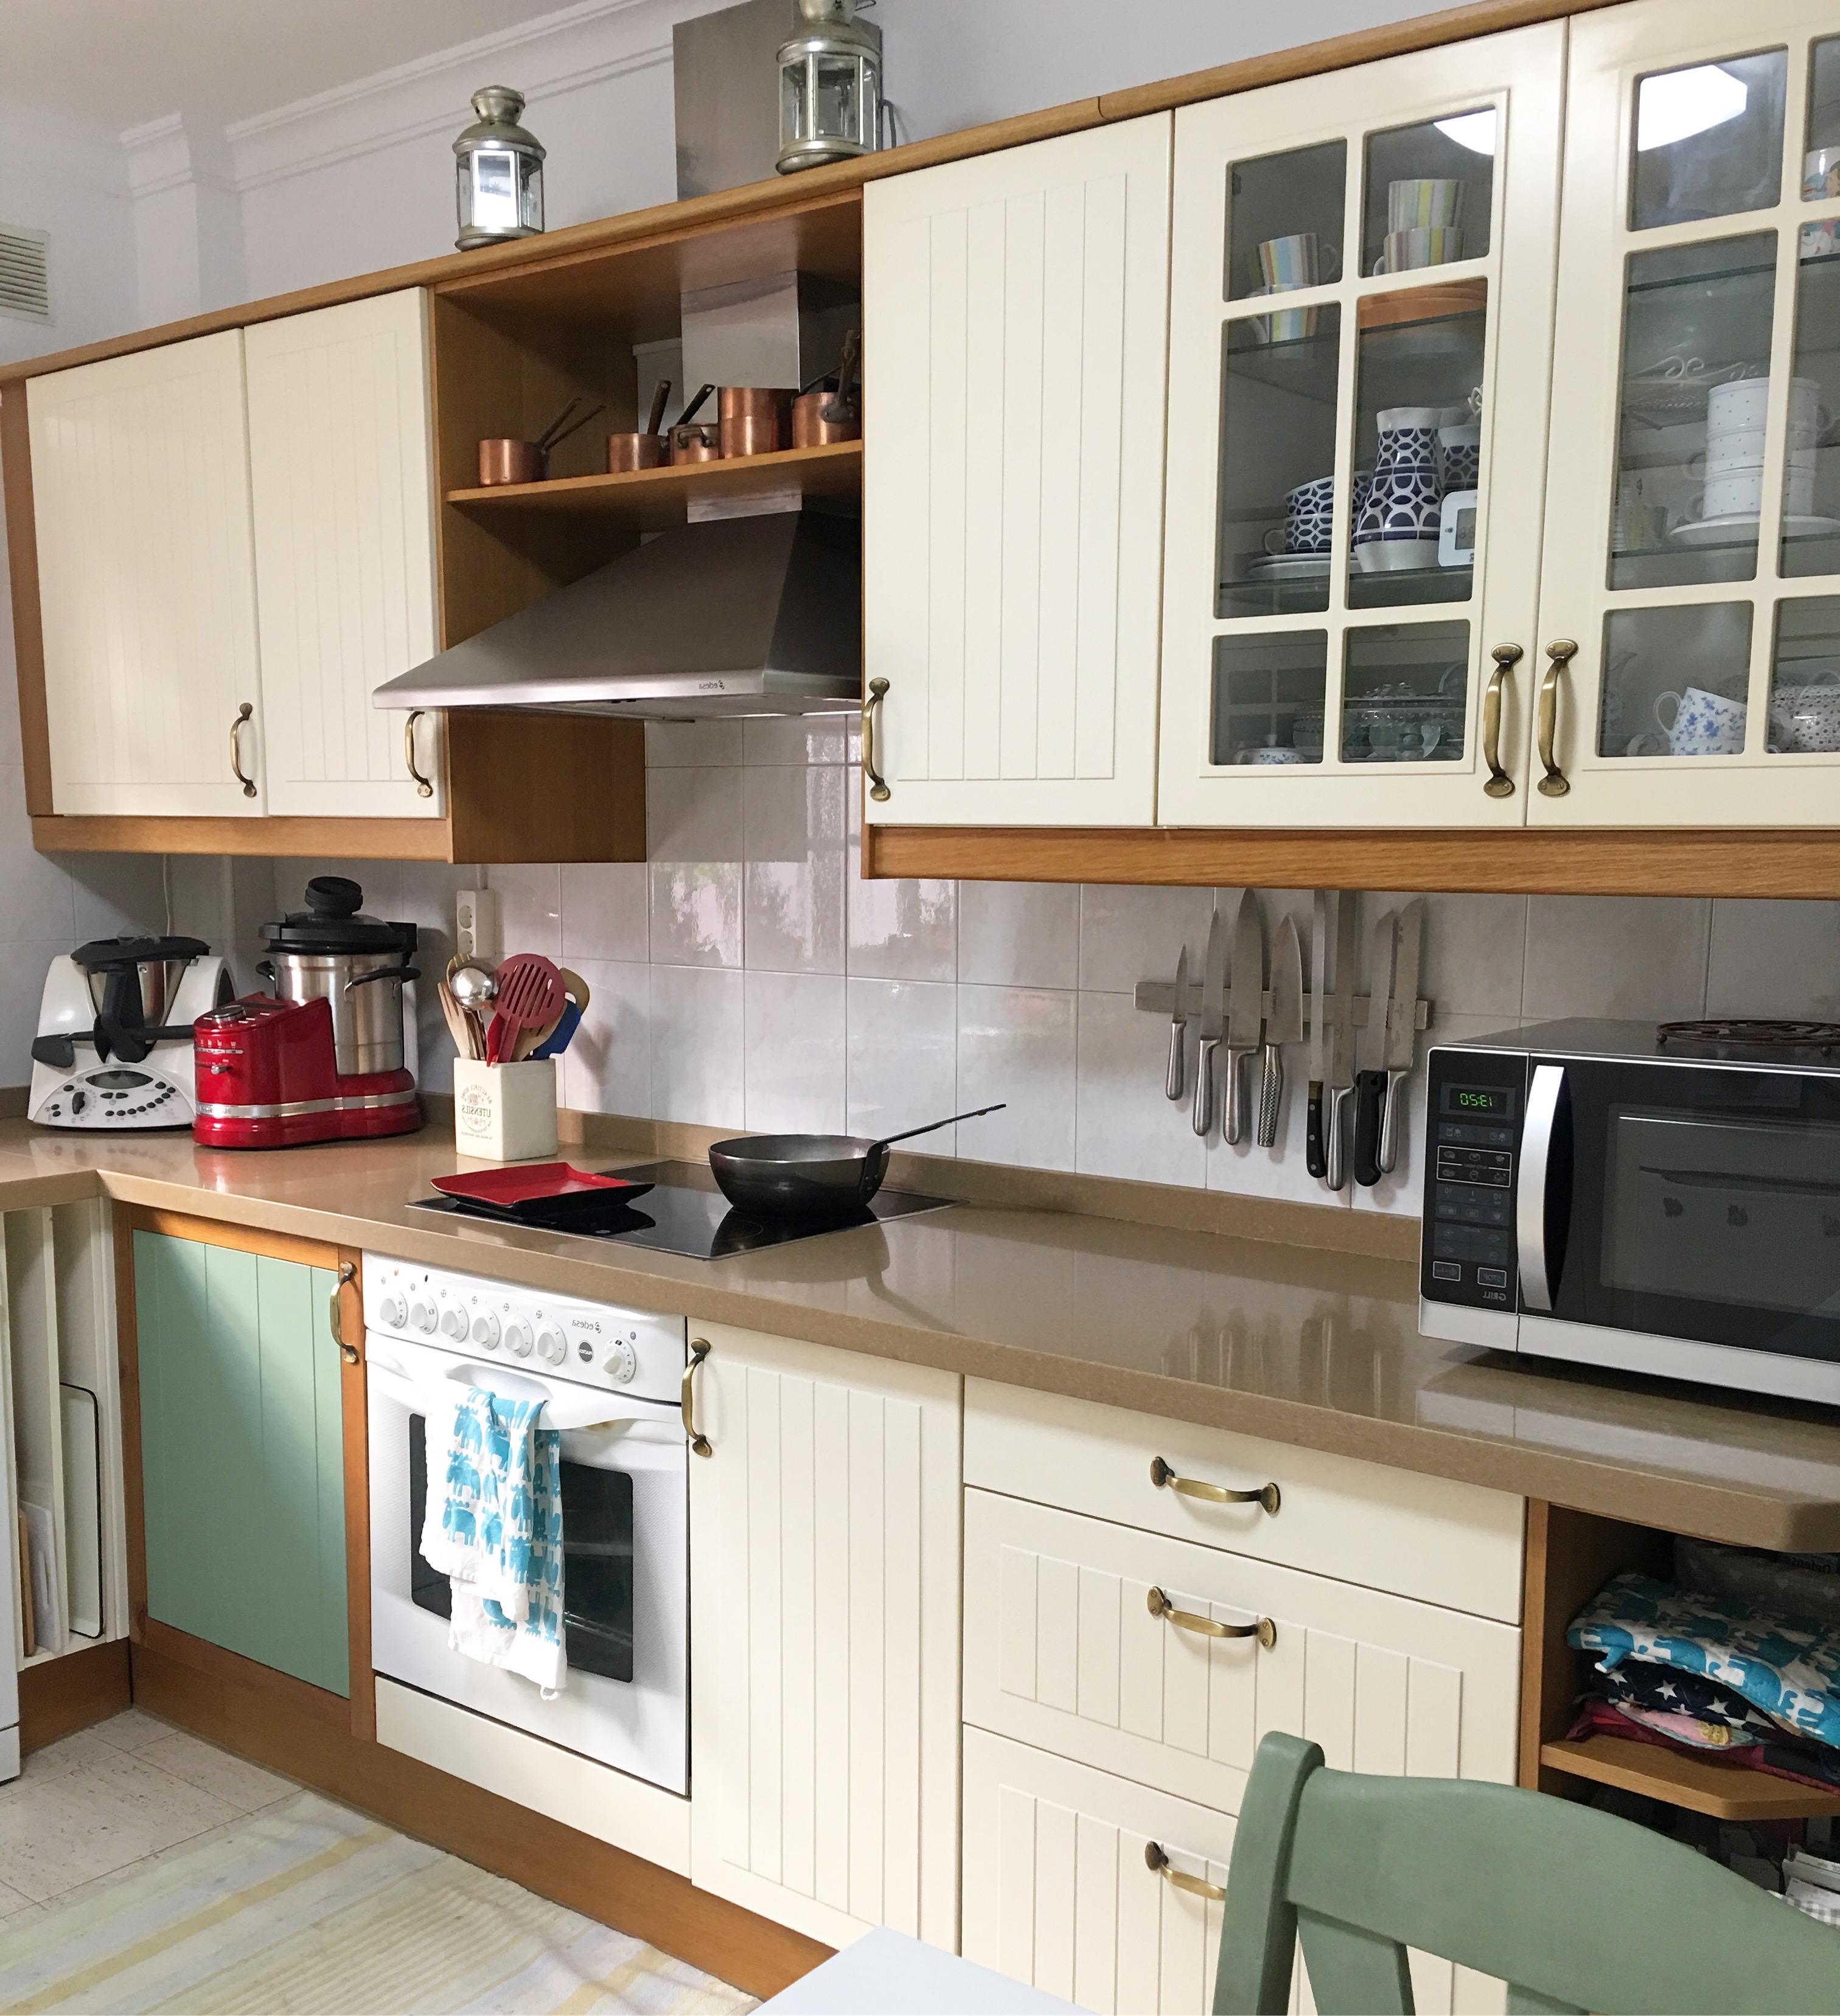 Pintar Muebles Cocina O2d5 Pintar Muebles De Cocina El Rincà N De Bea